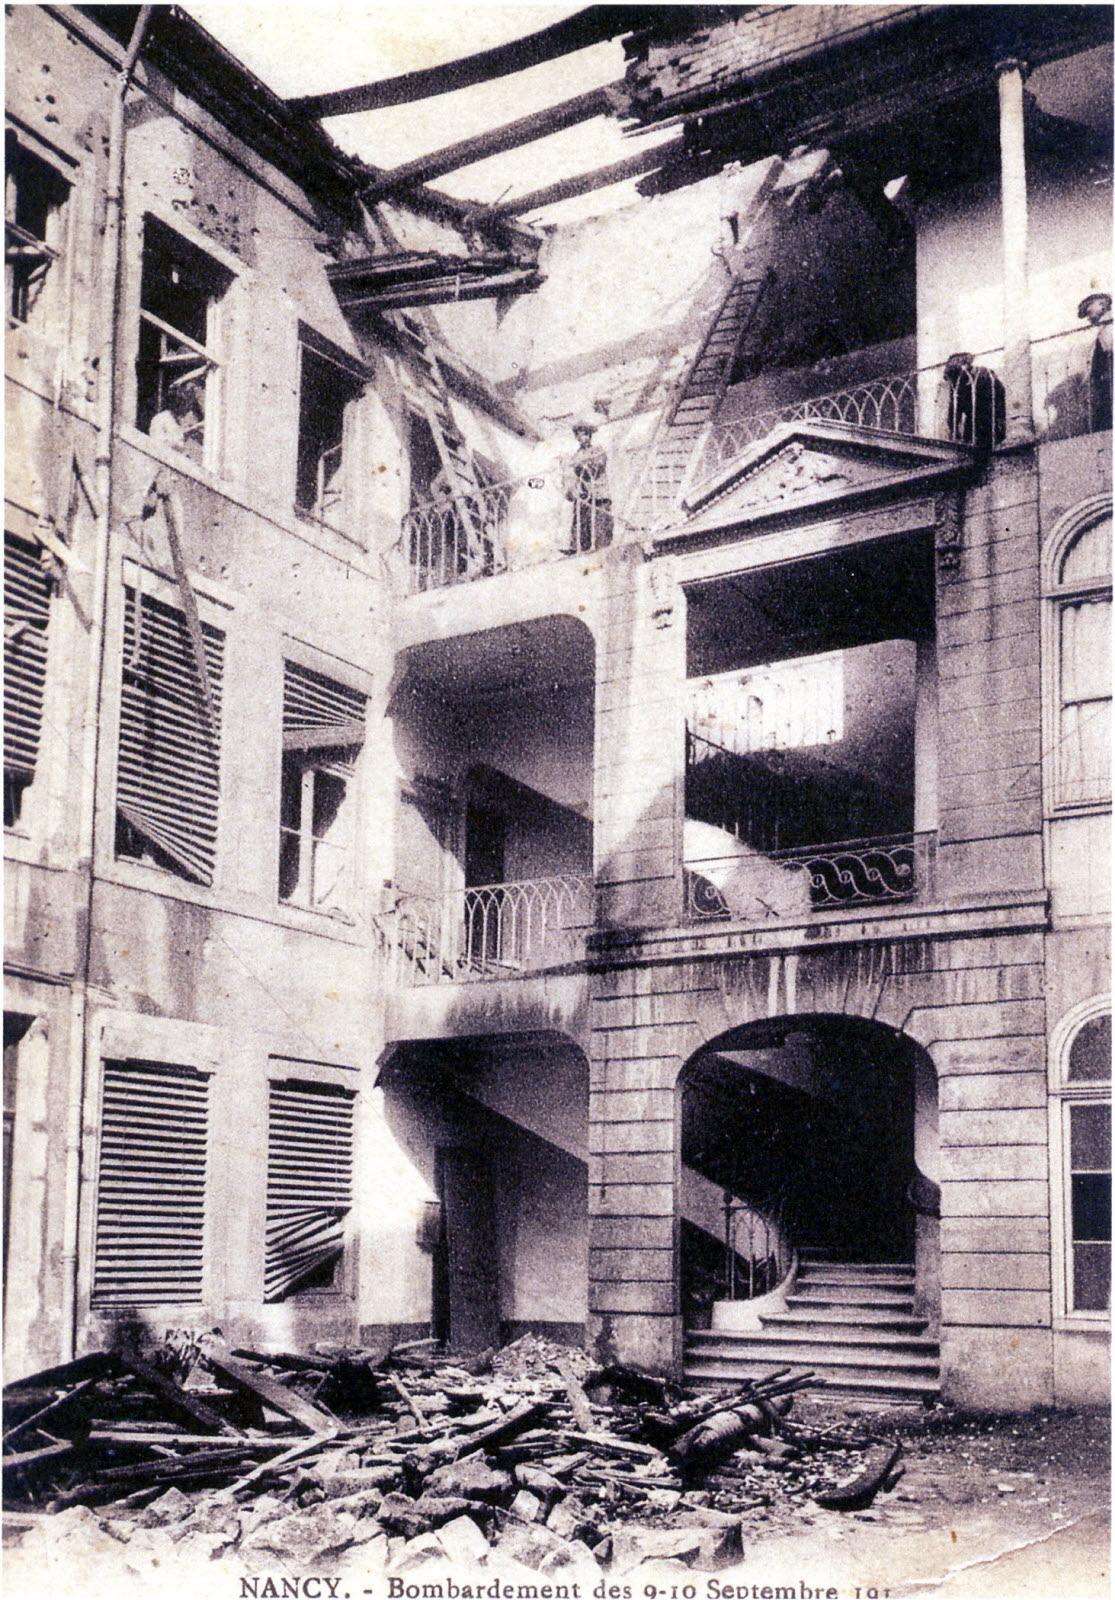 Centenaire 14-18 | La Guerre 14-18 En Images à 31 Rue Lionnois Nancy